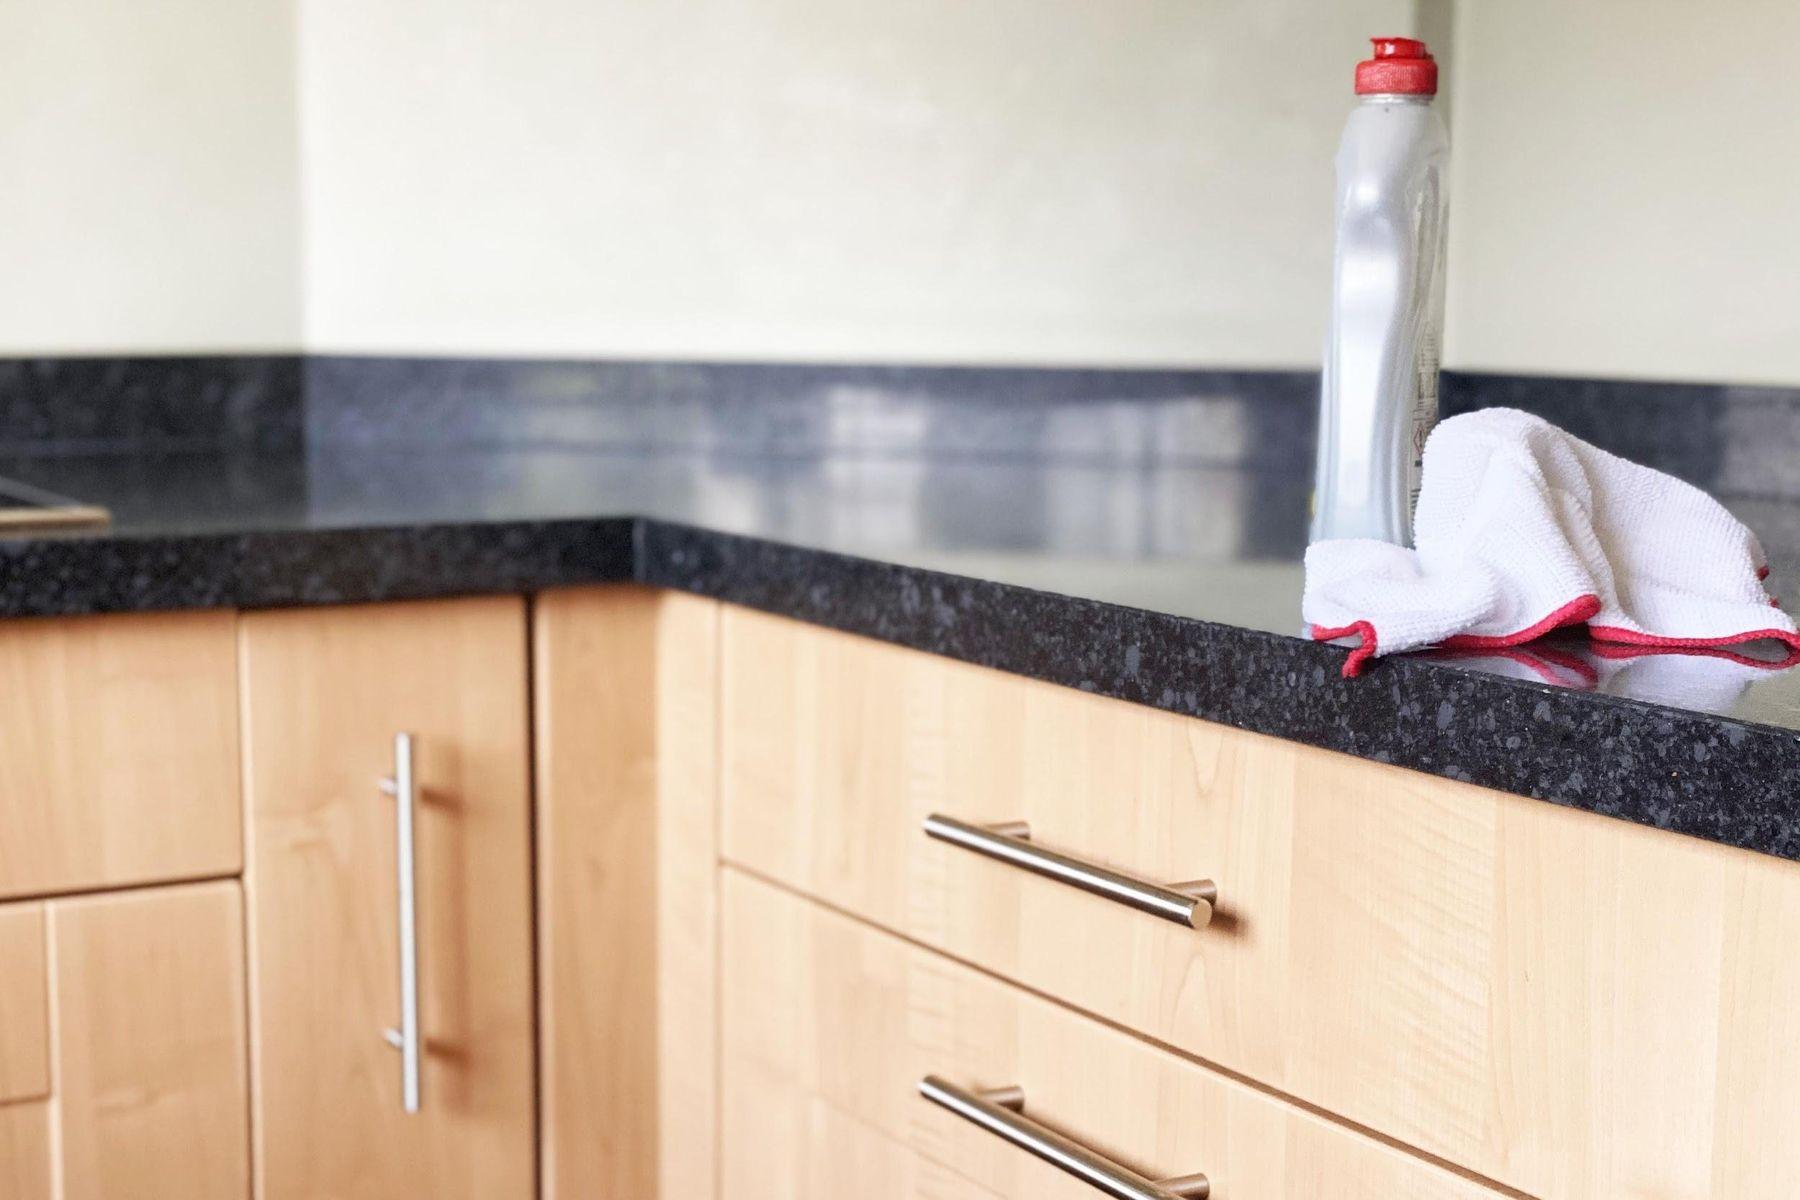 Bancada da cozinha com pano e limpador multiuso